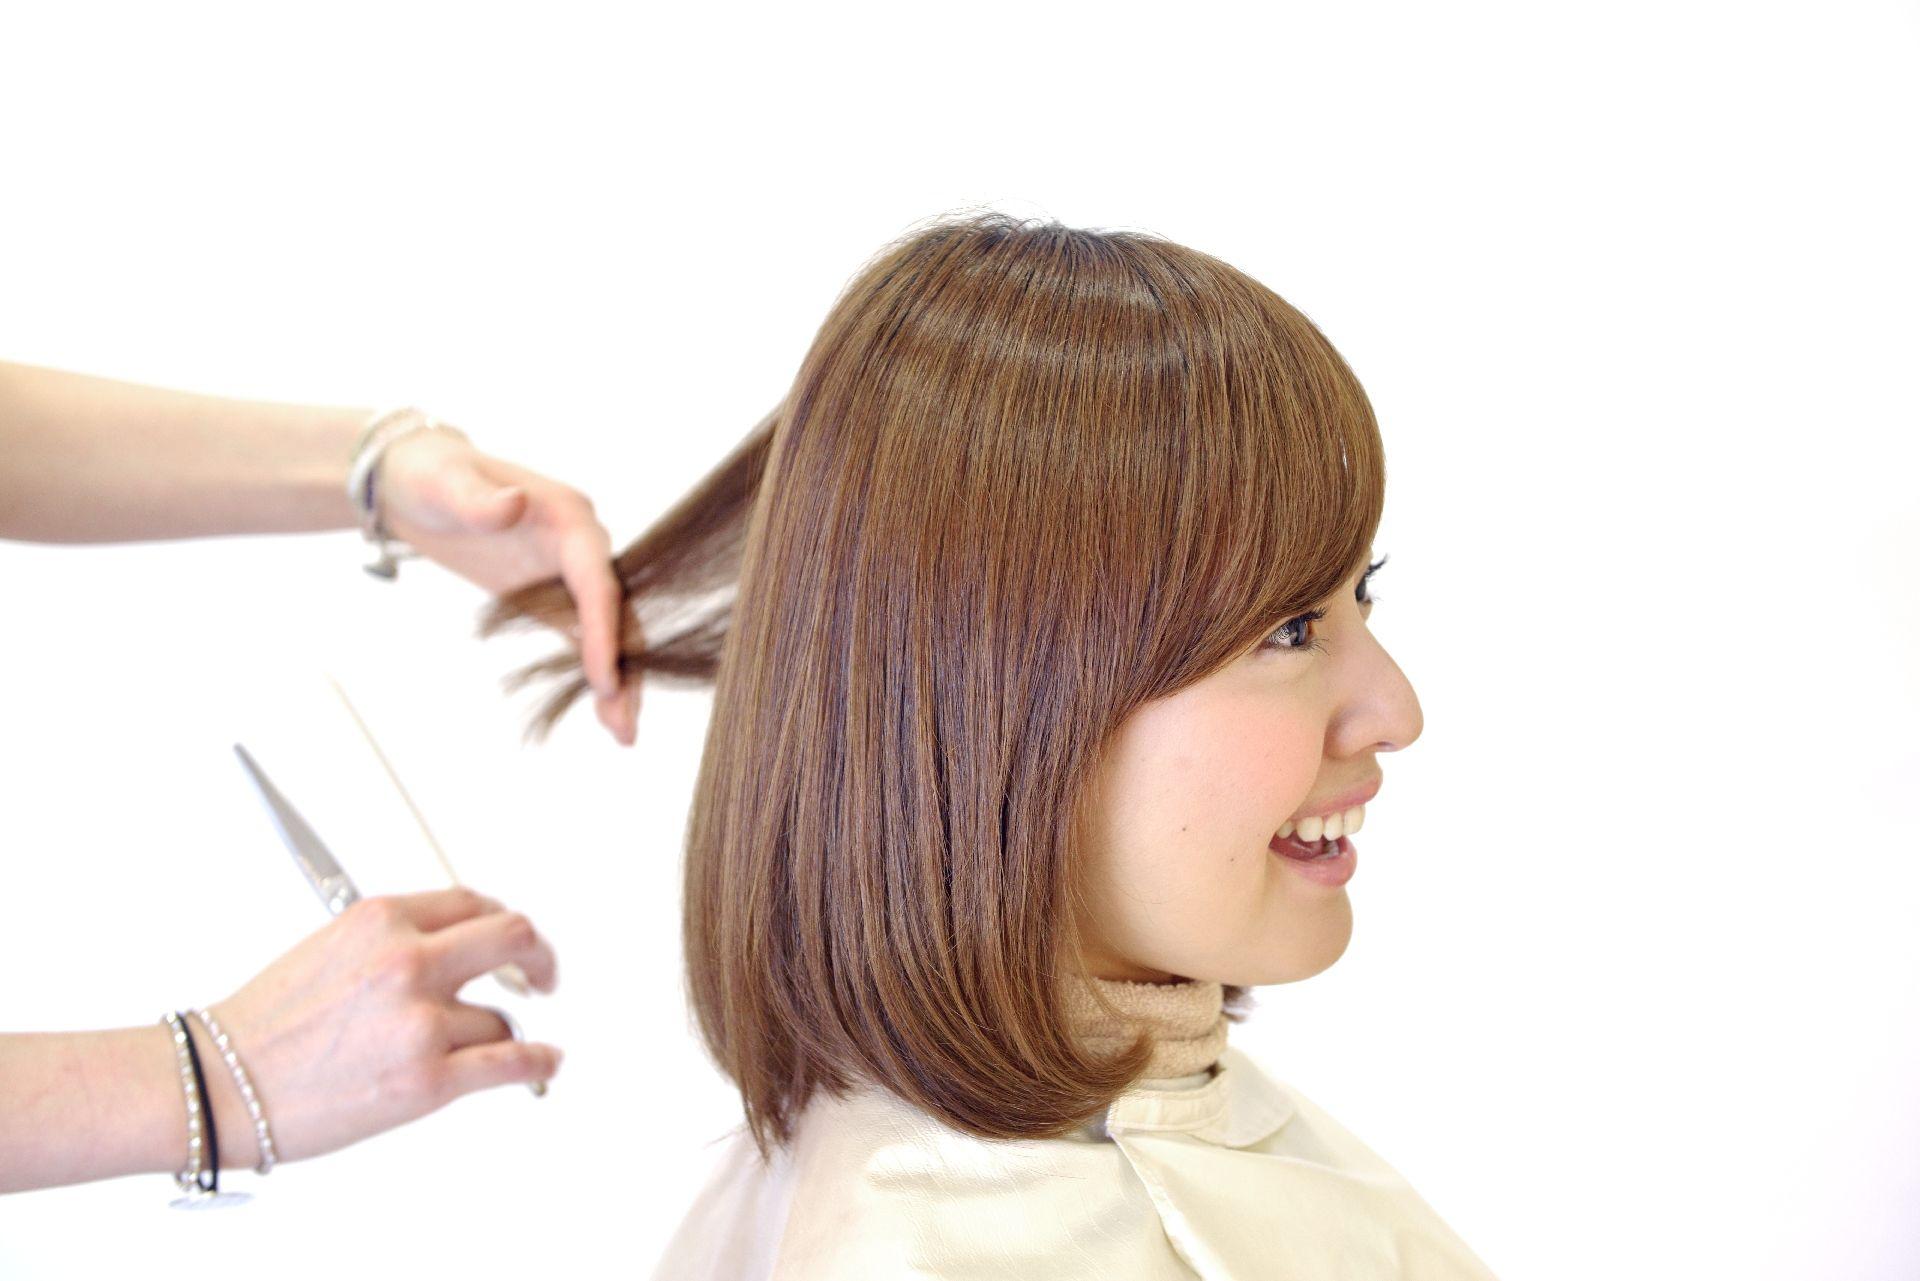 神戸市西区で縮毛矯正・カット・パーマ・カラーをするならStill Hair~再現性の高いドライカット~